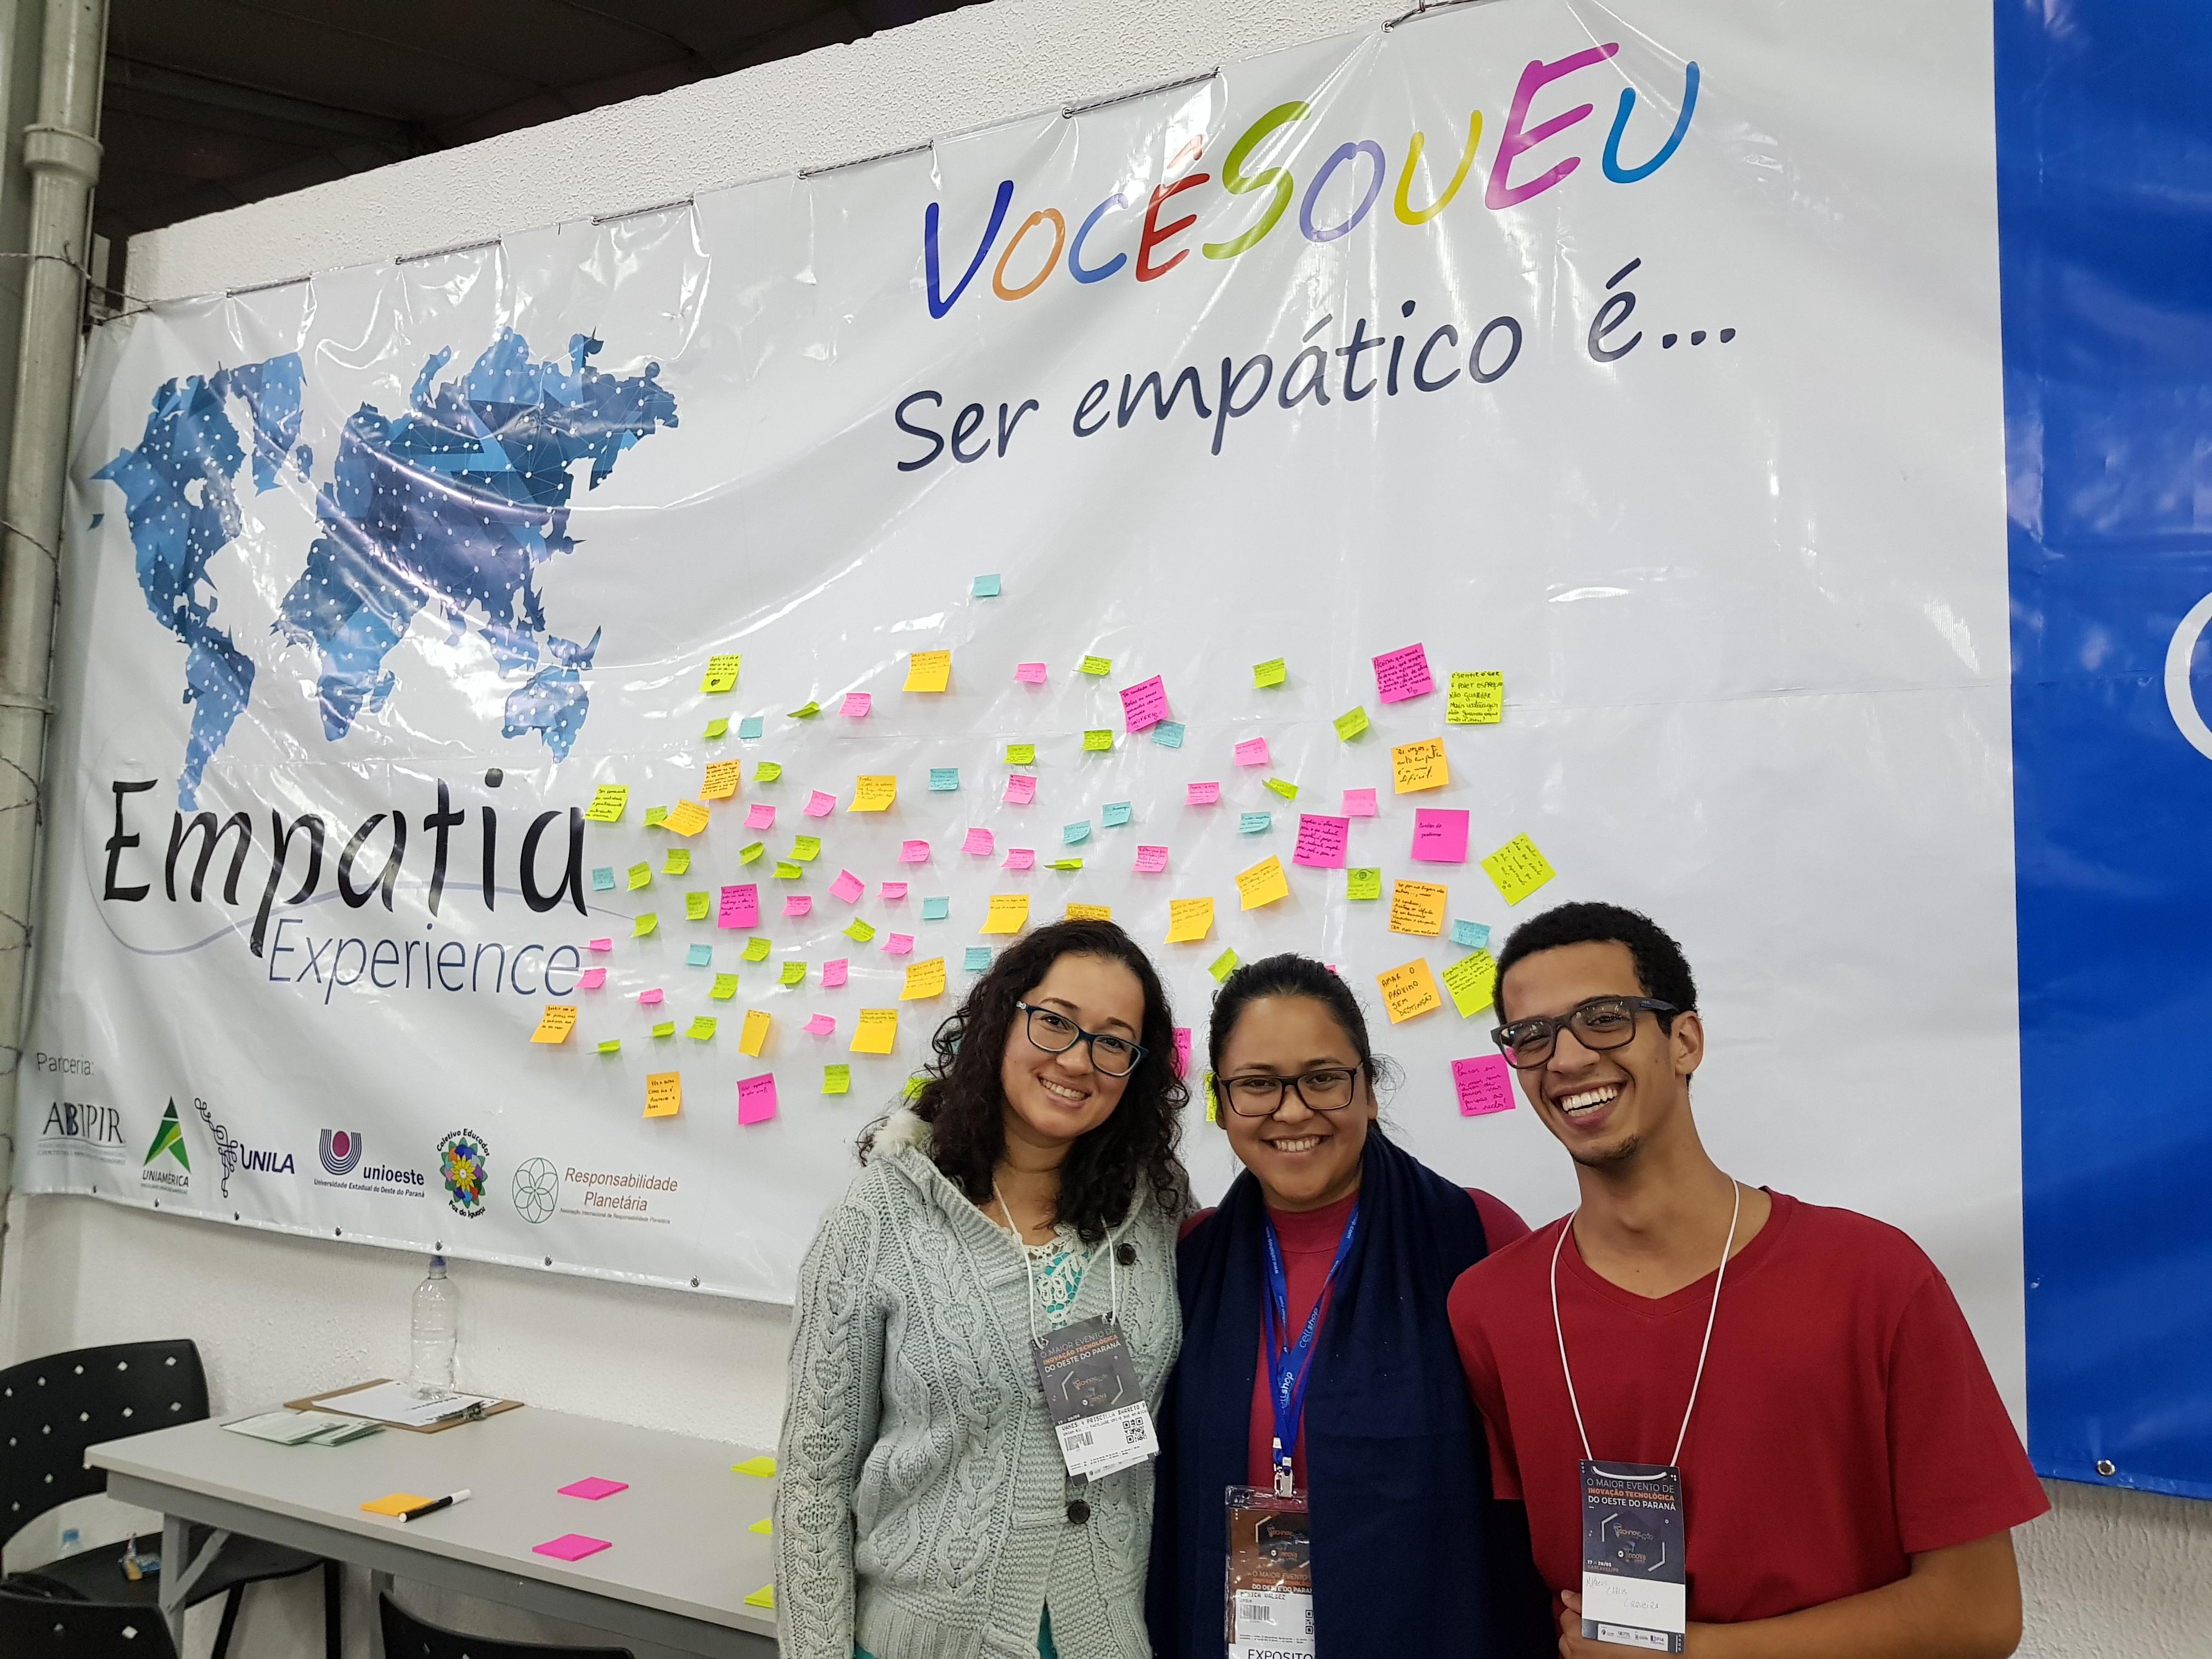 UNILA também participou de atividades que visam promover a experiência da empatia